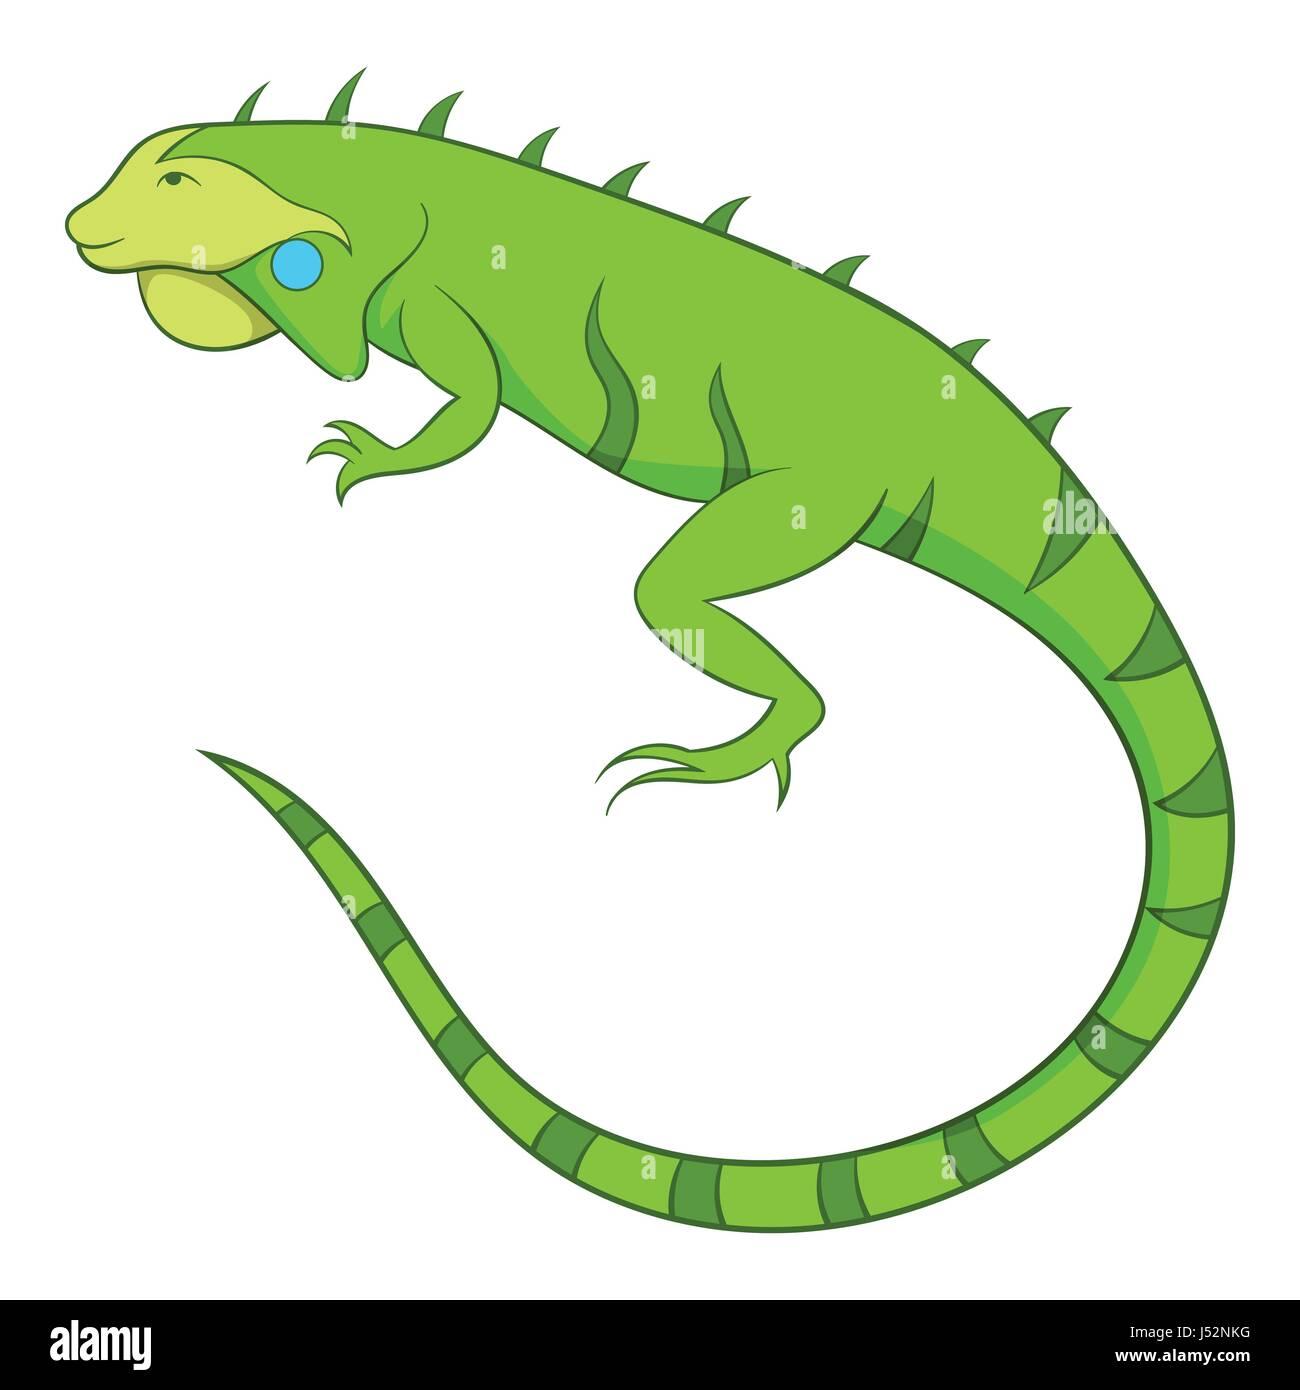 Icono De La Iguana Ilustración Vectorial De Dibujos Animados De